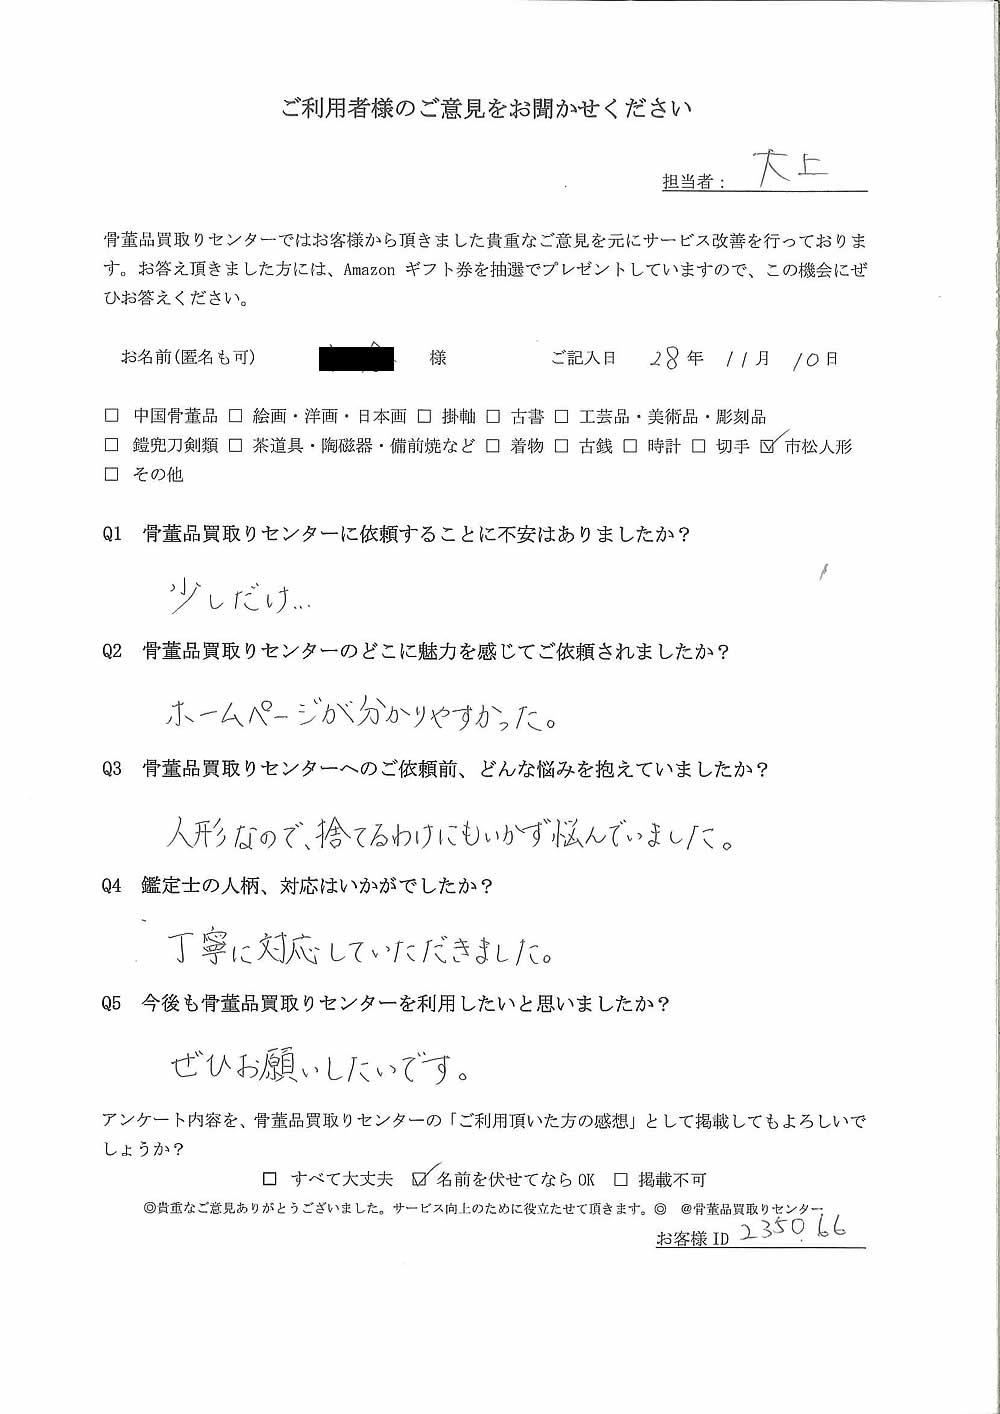 【水戸】市松人形買取り ご利用者様の声